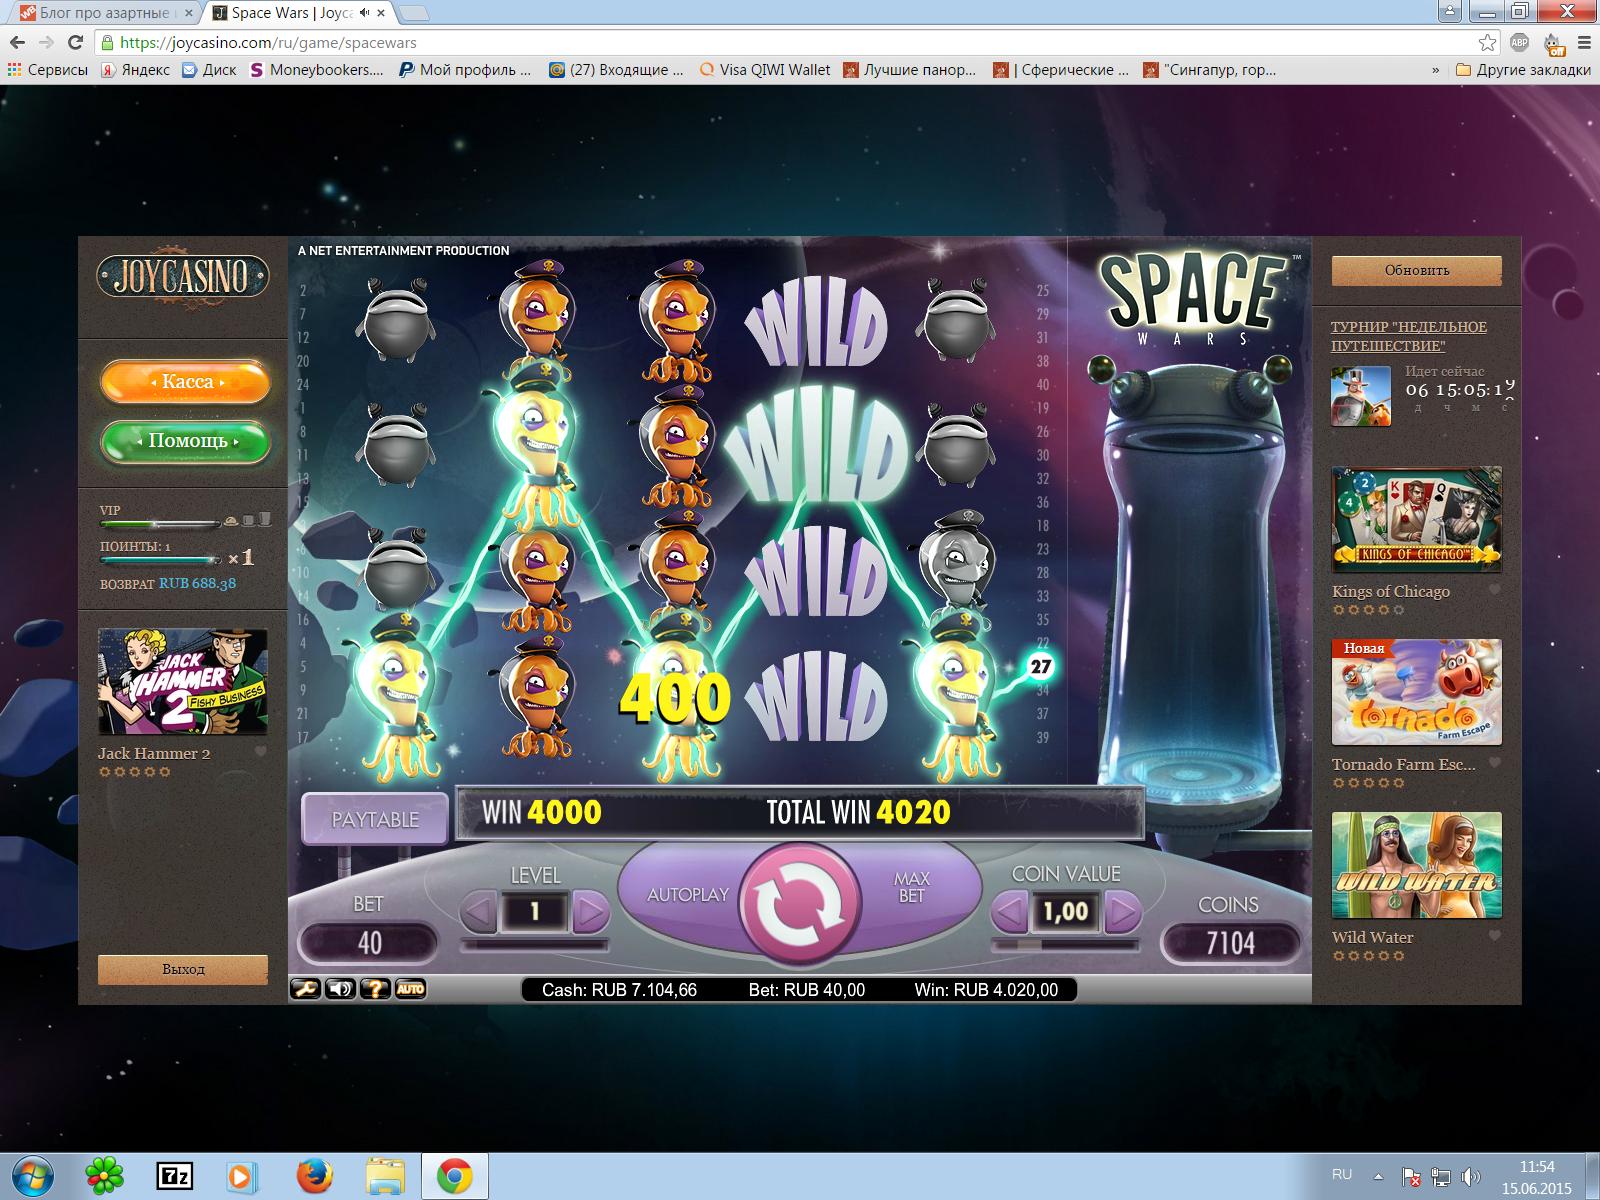 играть онлайн в казино joycasino